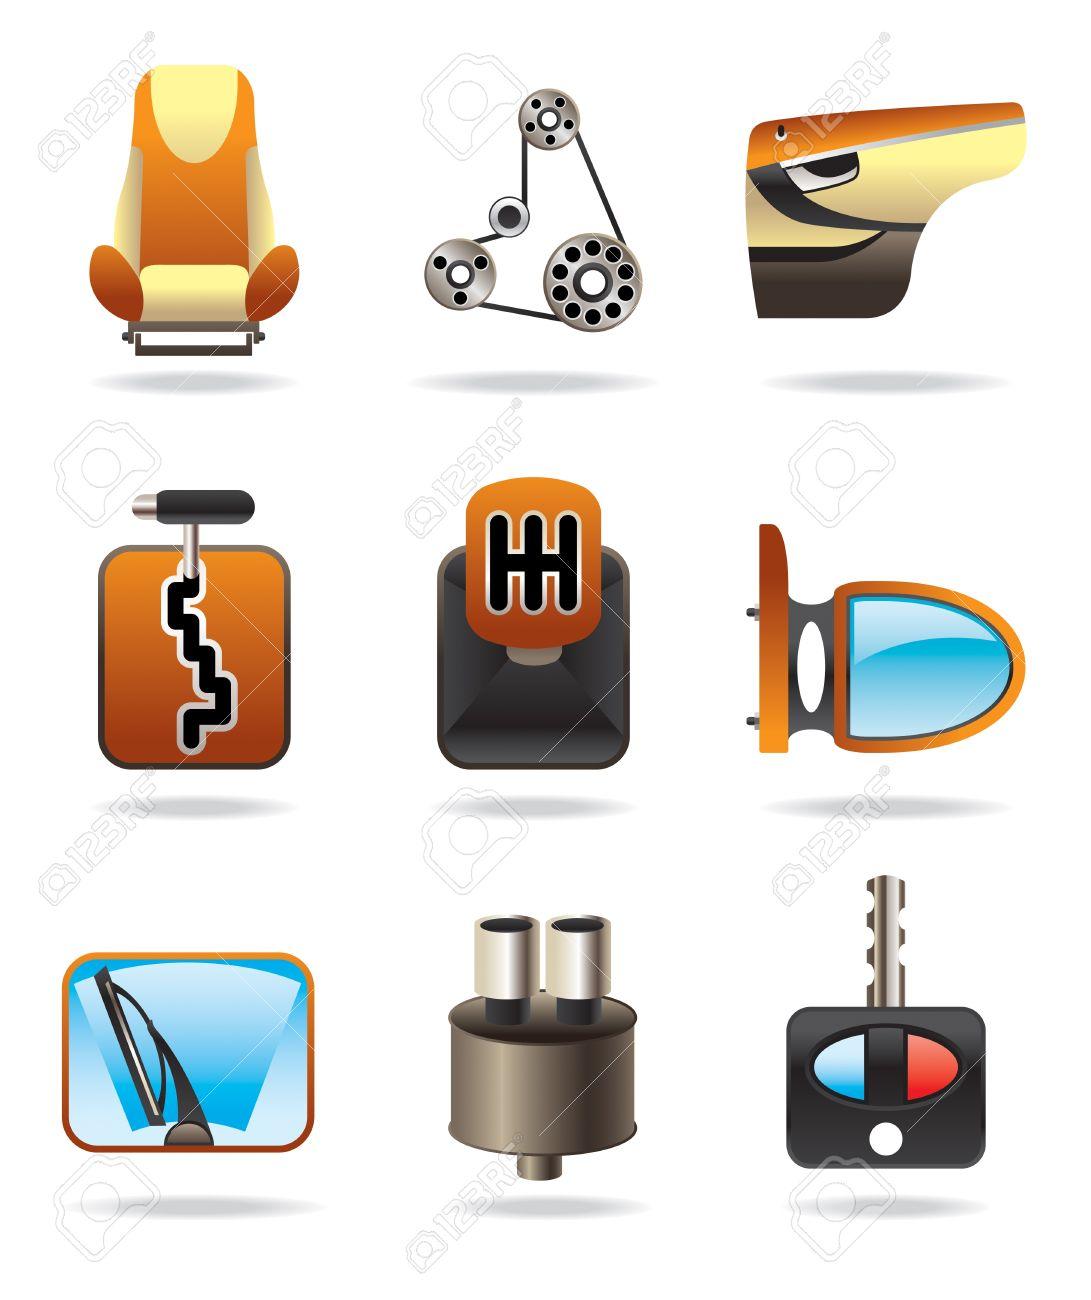 車部品アイコンを設定 - ベクトル イラスト ロイヤリティフリー